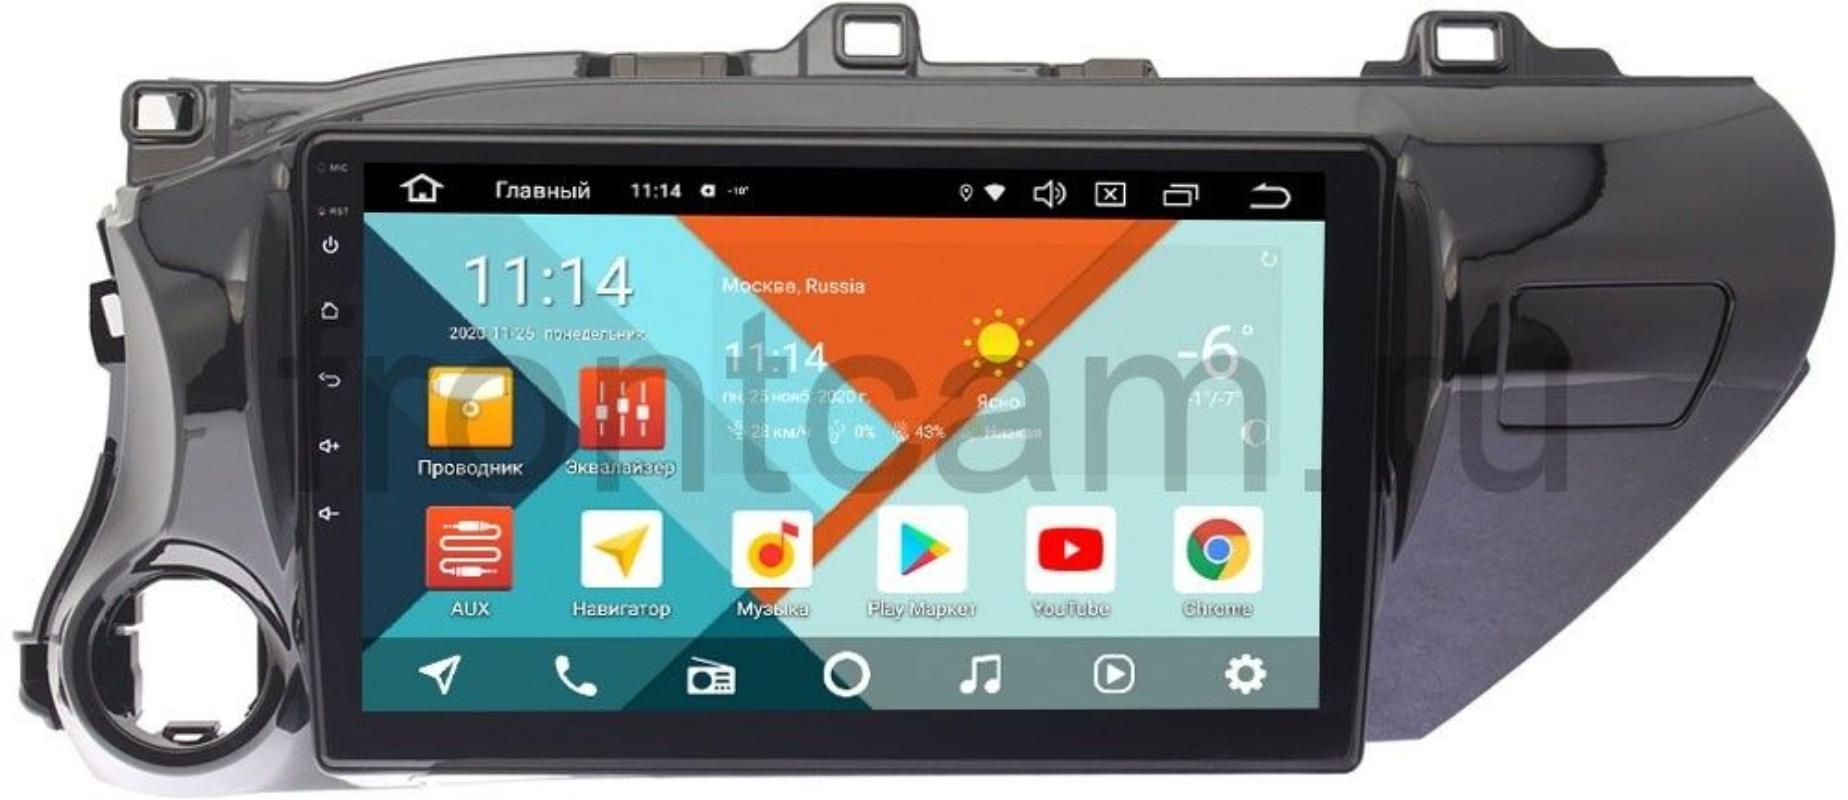 Штатная магнитола Toyota Hilux VIII 2015-2018 Wide Media KS1056QM-2/32 DSP CarPlay 4G-SIM на Android 10 (для любой комплектации) (+ Камера заднего вида в подарок!)